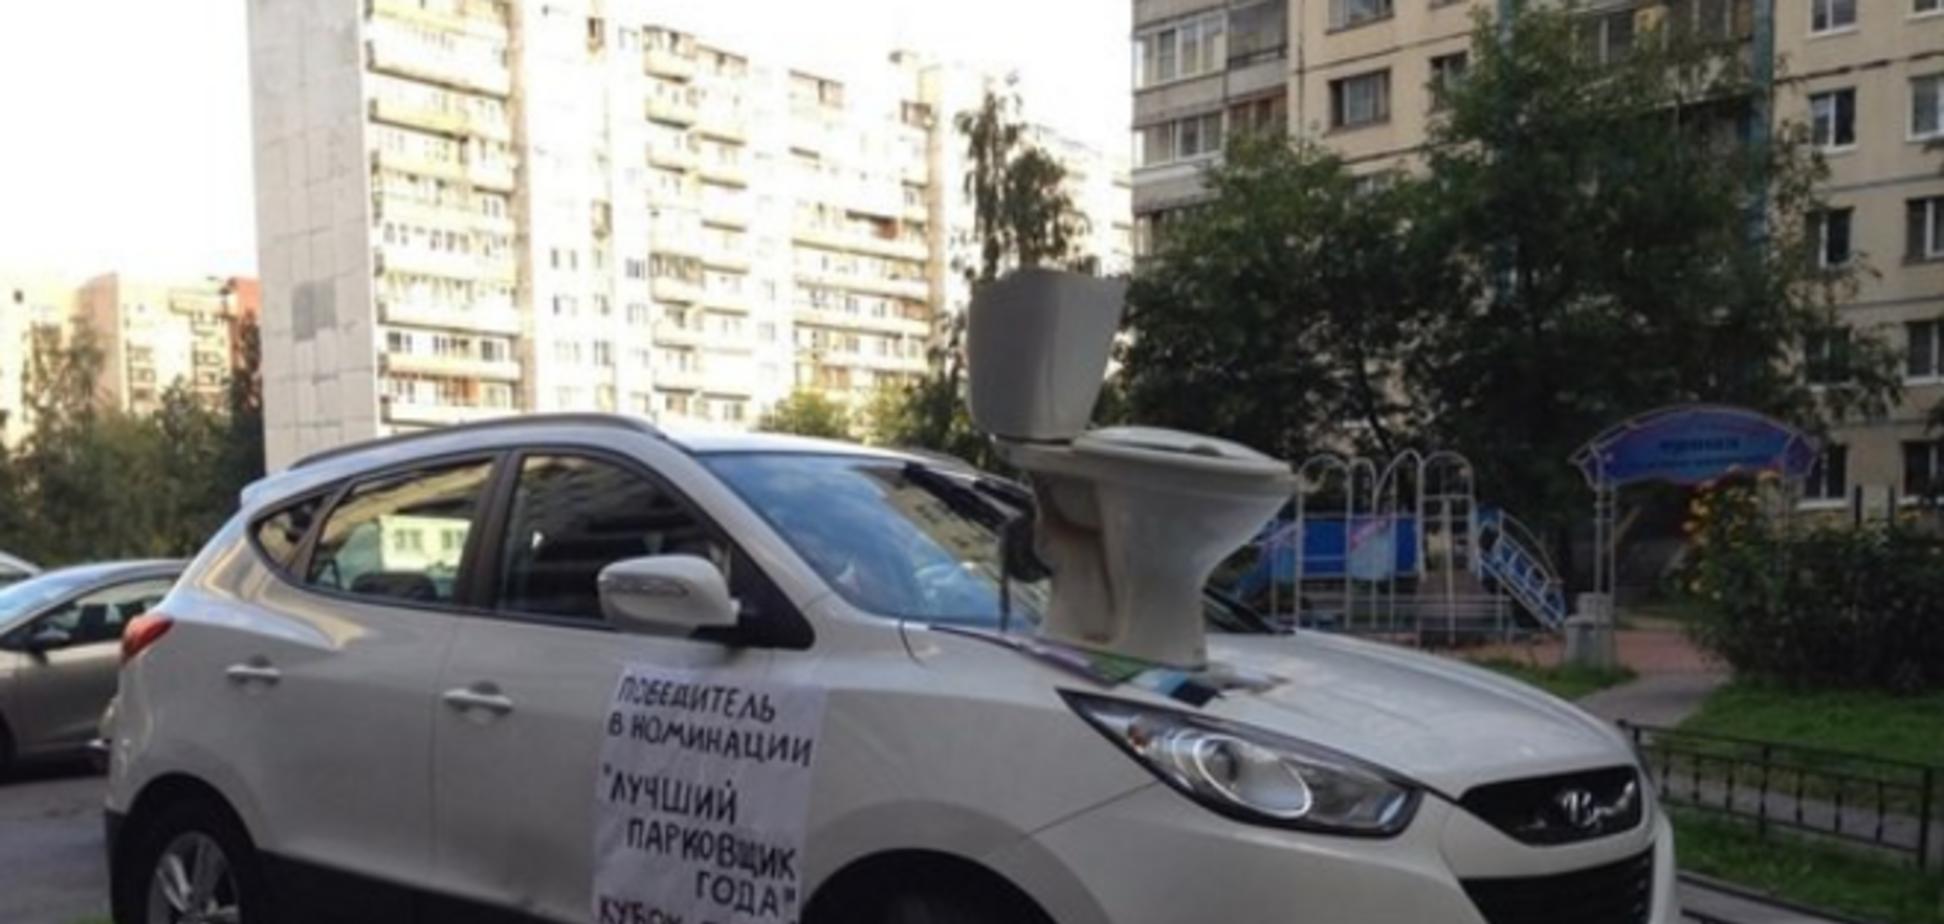 Кубок за 'лучшую' парковку: оригинальные записки, оставленные на автомобилях